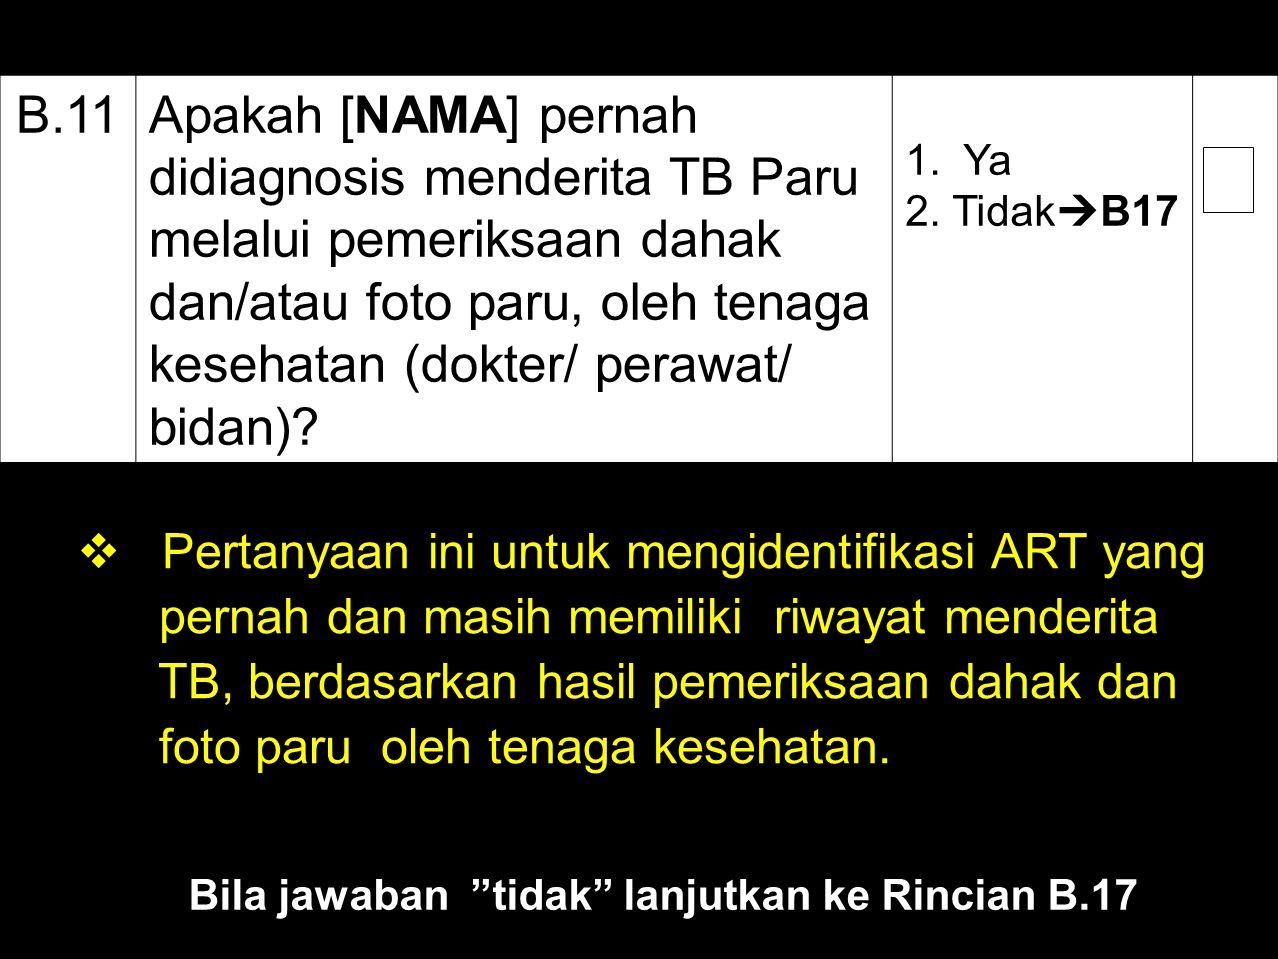 B.11Apakah [NAMA] pernah didiagnosis menderita TB Paru melalui pemeriksaan dahak dan/atau foto paru, oleh tenaga kesehatan (dokter/ perawat/ bidan)? 1